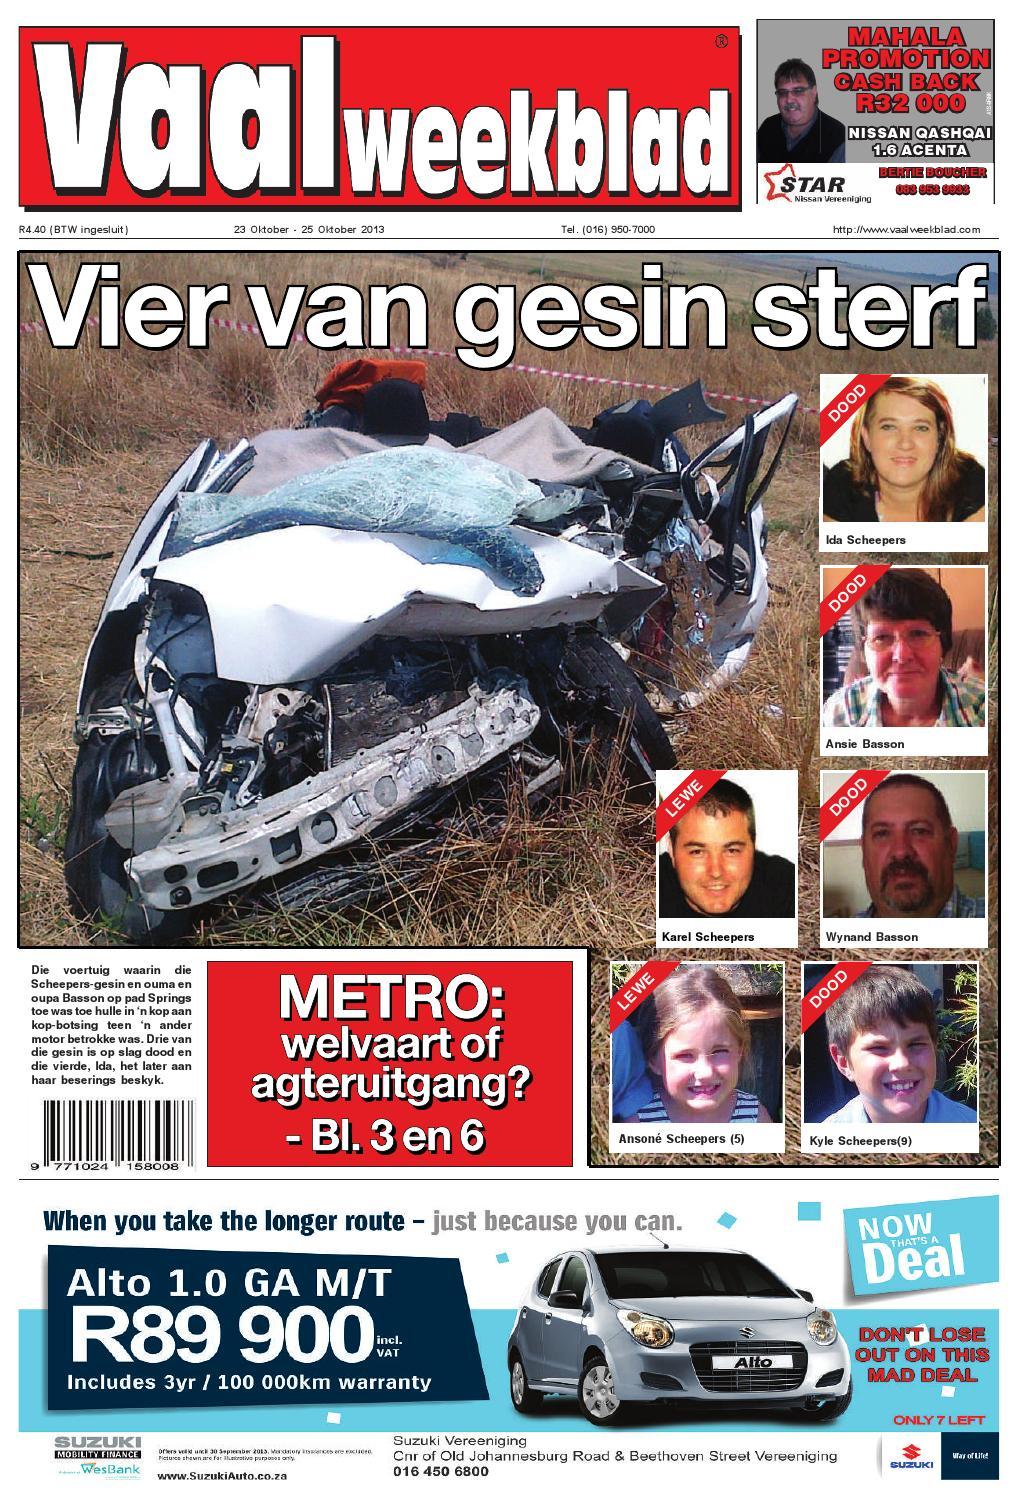 vaalweekblad 24 oktober 2013 by vaalweekblad issuu